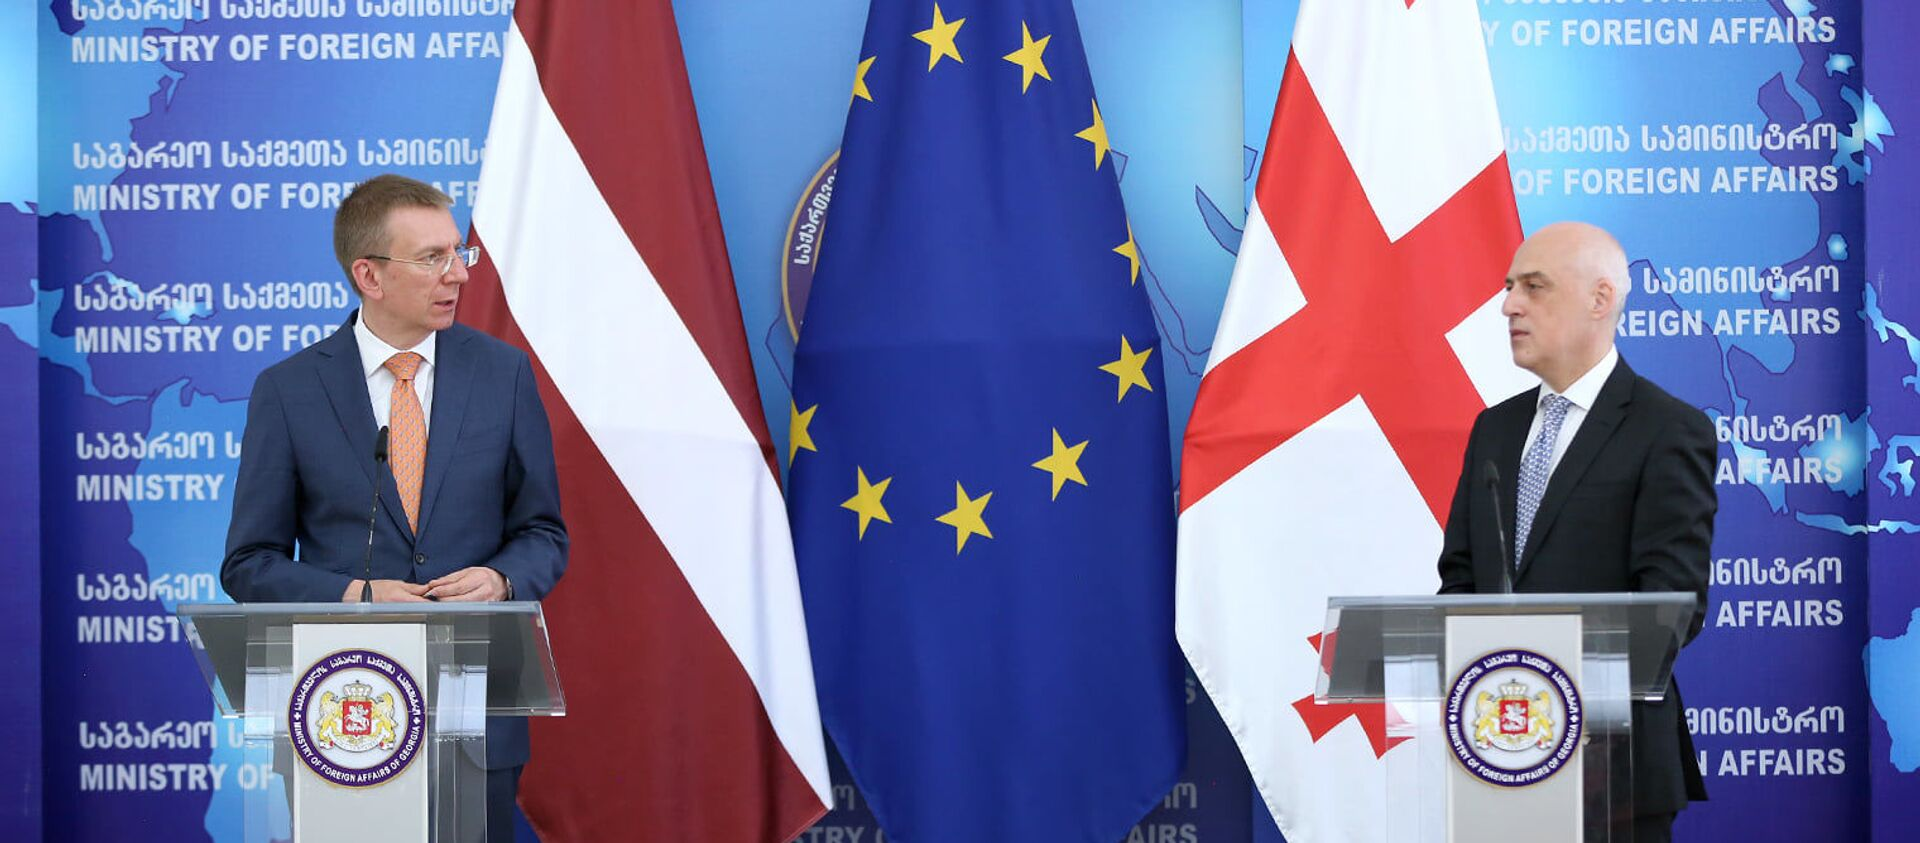 Министры иностранных дел Грузии и Латвии Давид Залкалиани и Эдгар Ринкевич - Sputnik Грузия, 1920, 07.06.2021